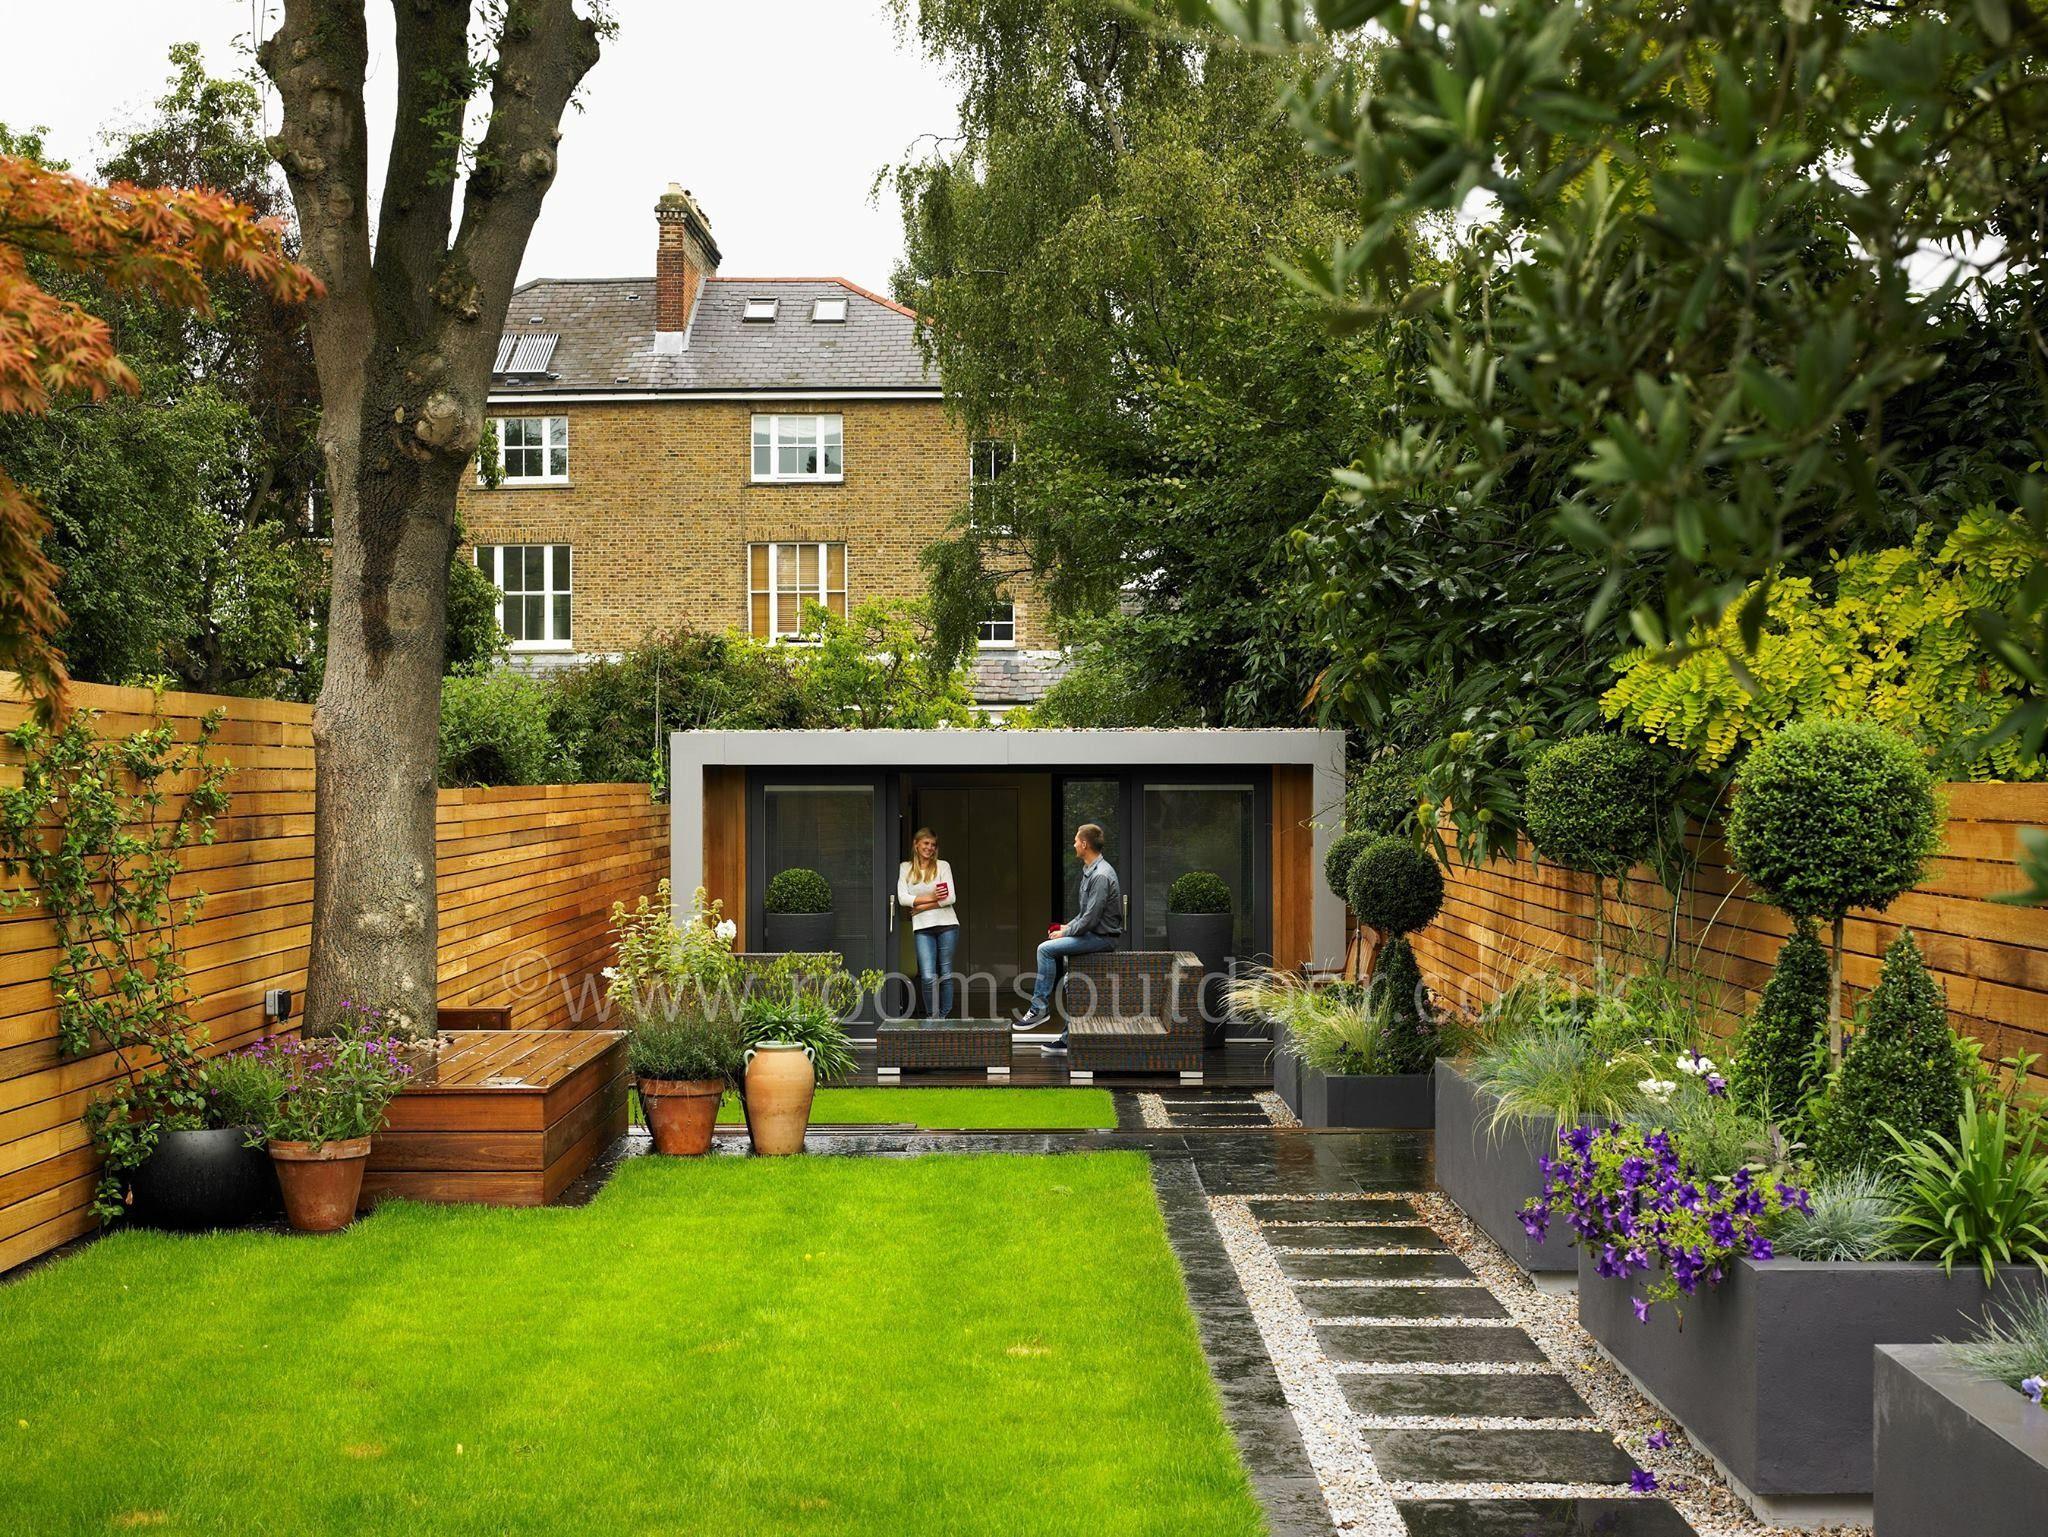 Guesthouse at the bottom of the garden  Outdoor garden rooms